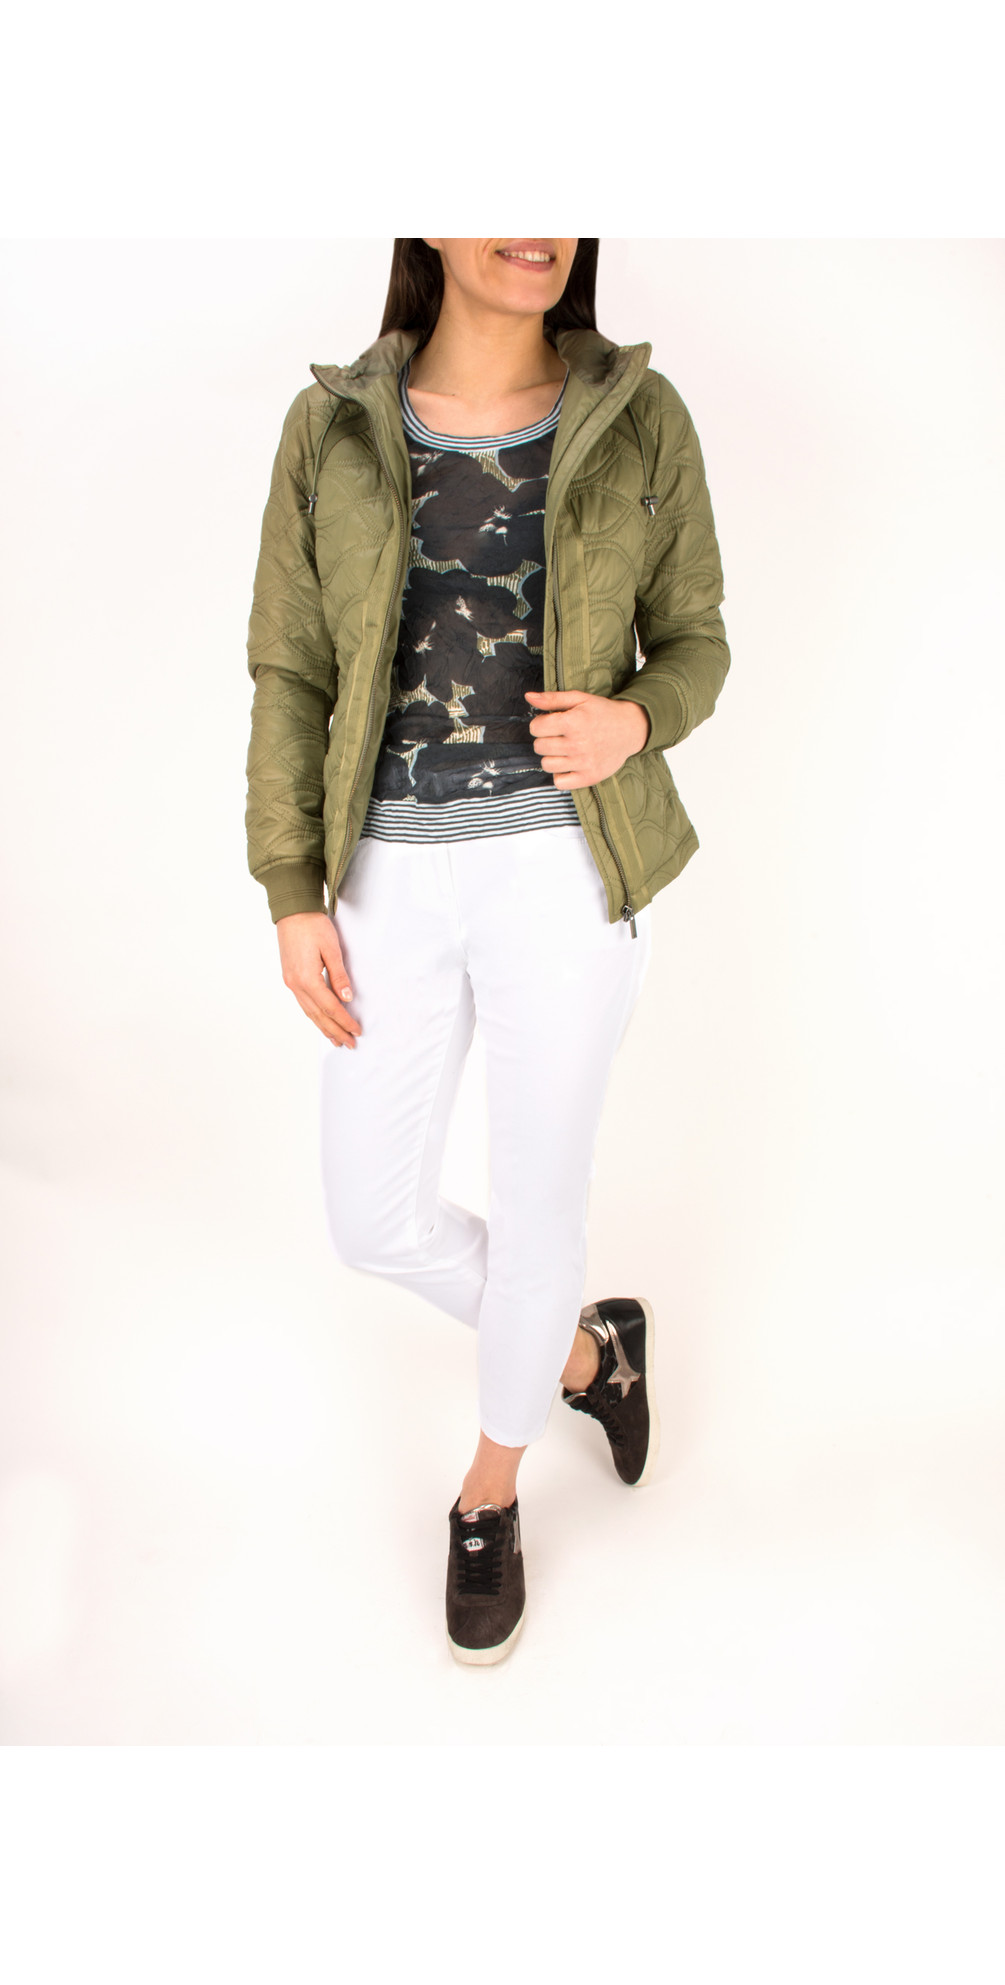 Patterned Jacket main image